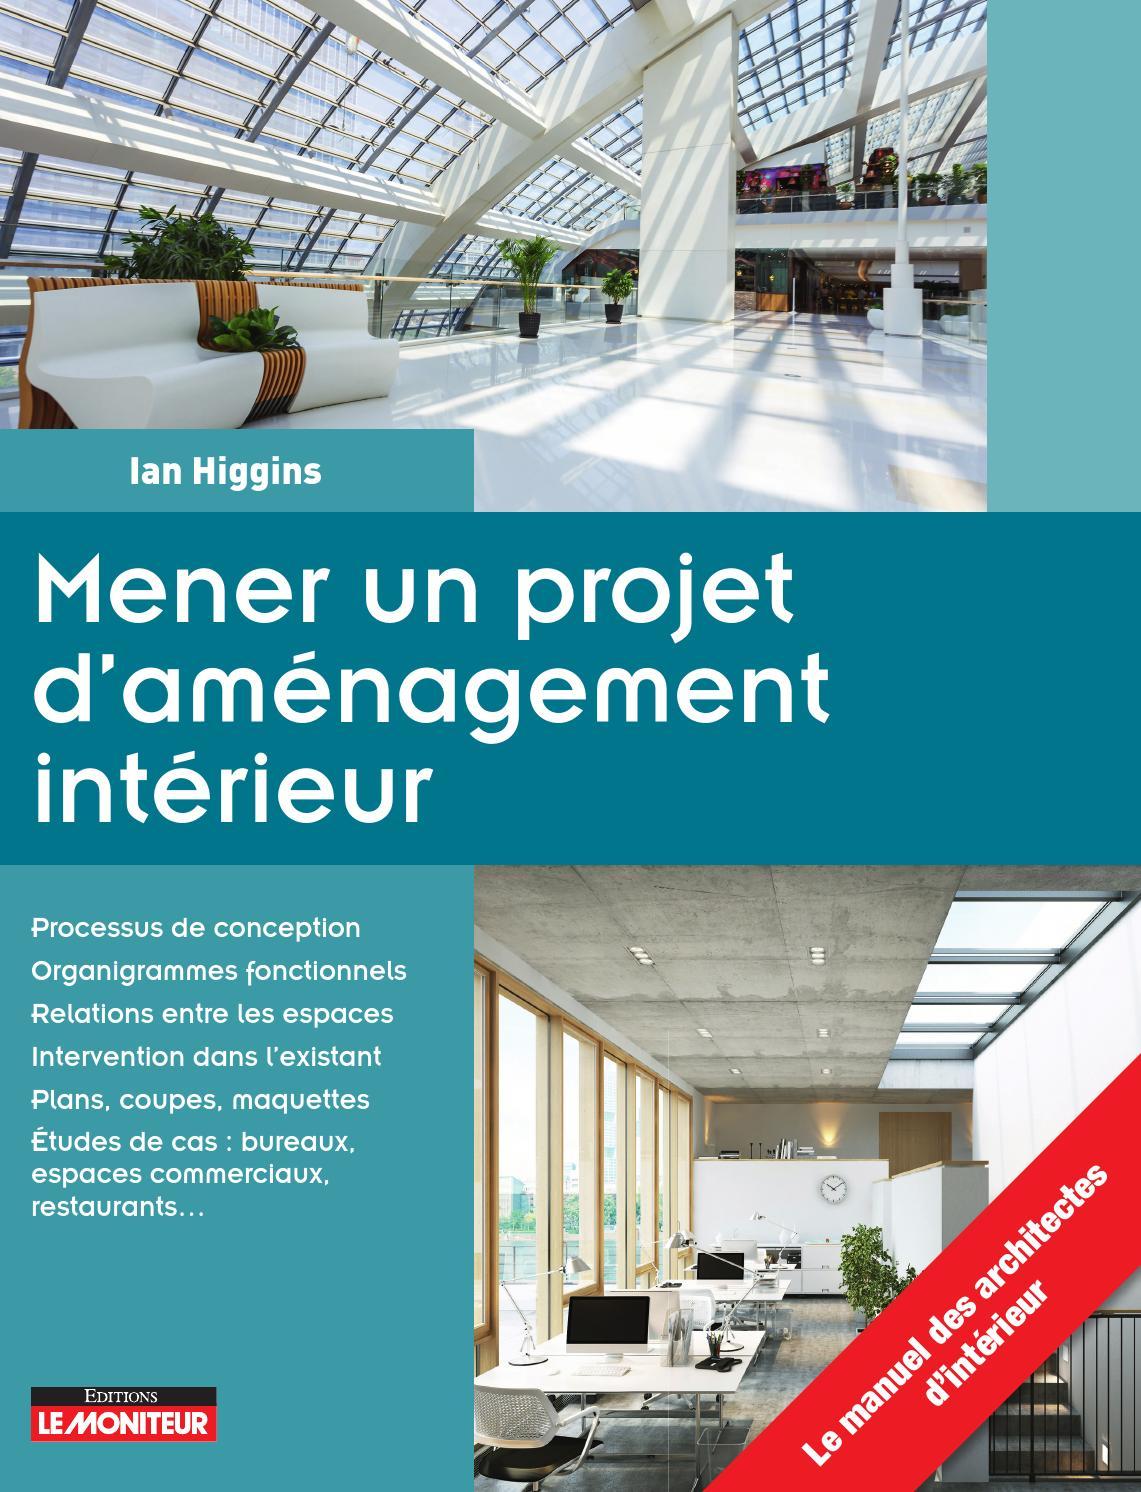 Mener un projet daménagement intérieur by INFOPRO DIGITAL - issuu